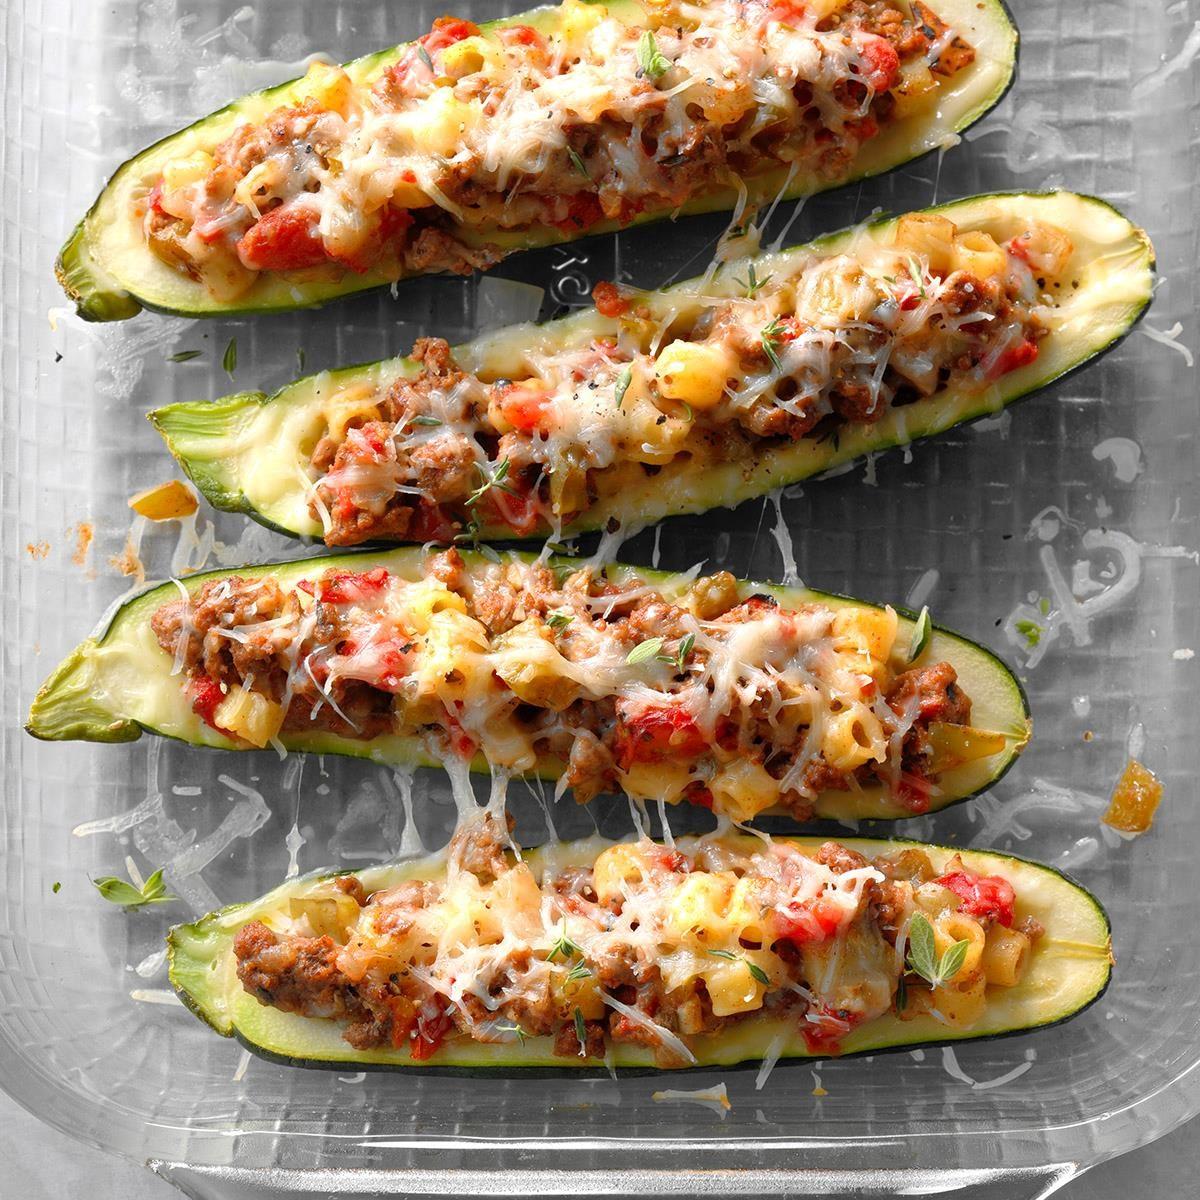 Garden-Stuffed Zucchini Boats Recipe